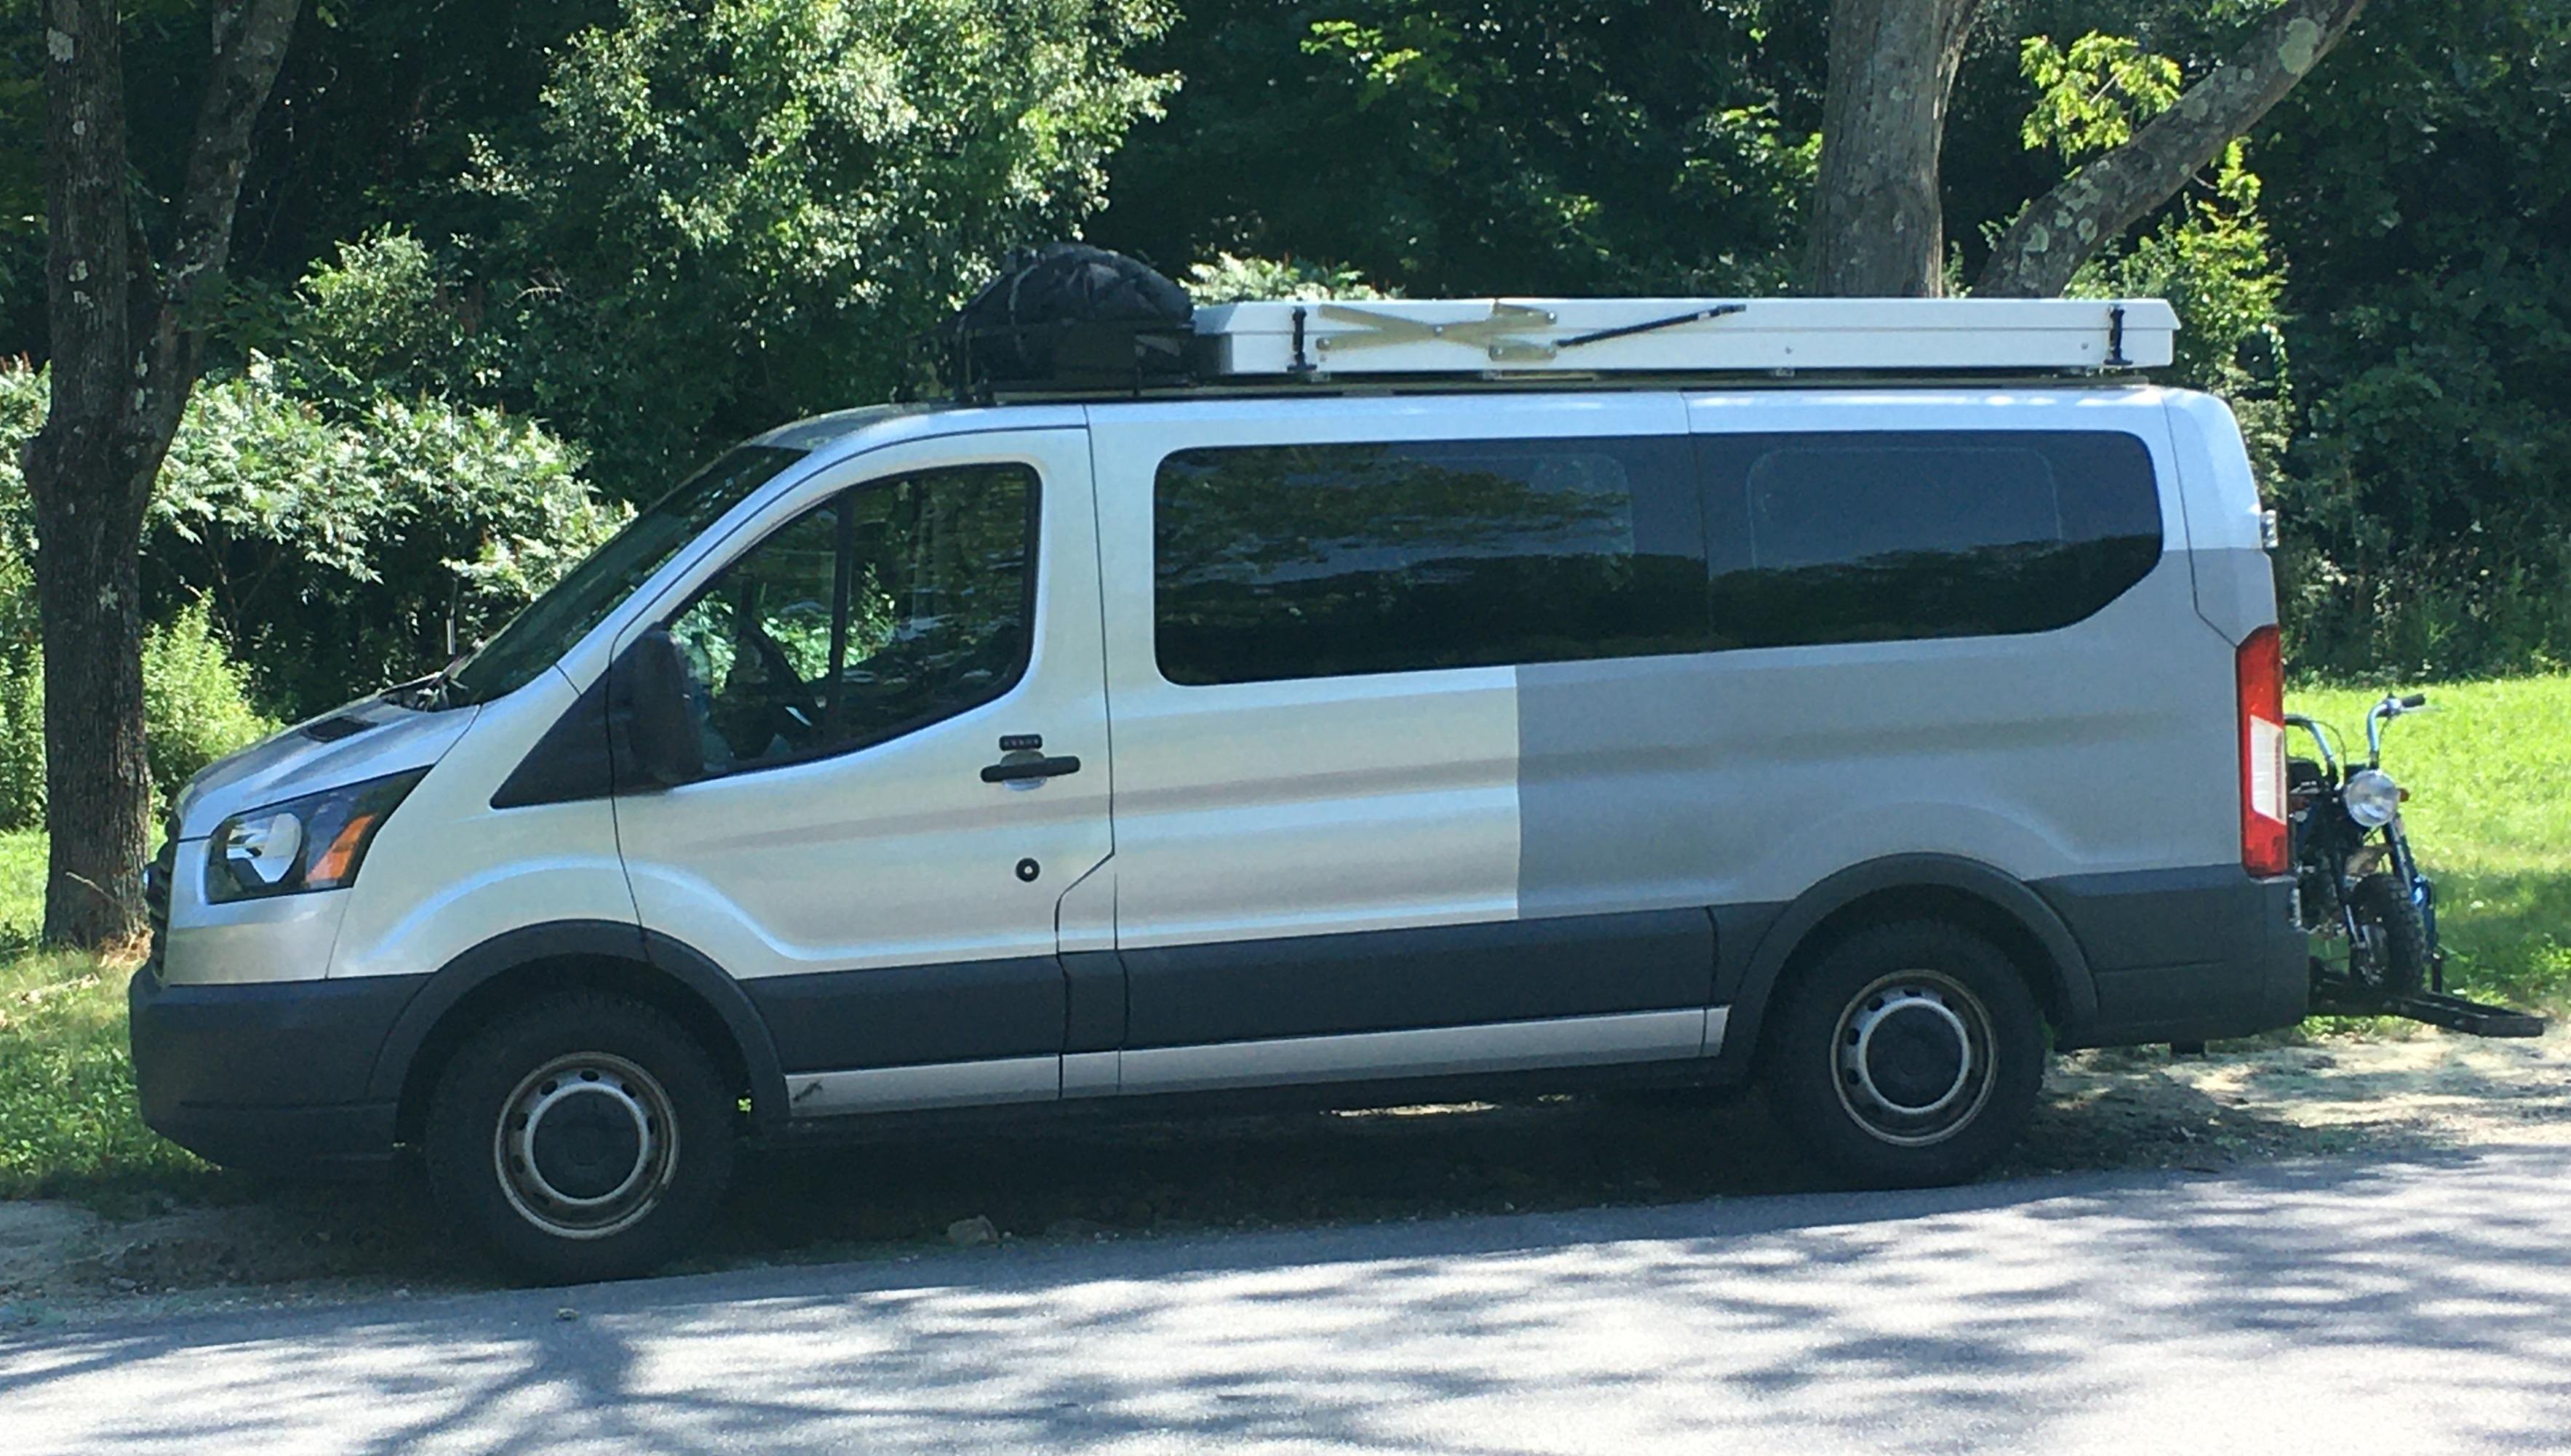 2015 Ford  Transit XL 3.5L twin turbo EcoBoost V6. Ford Transit 2015